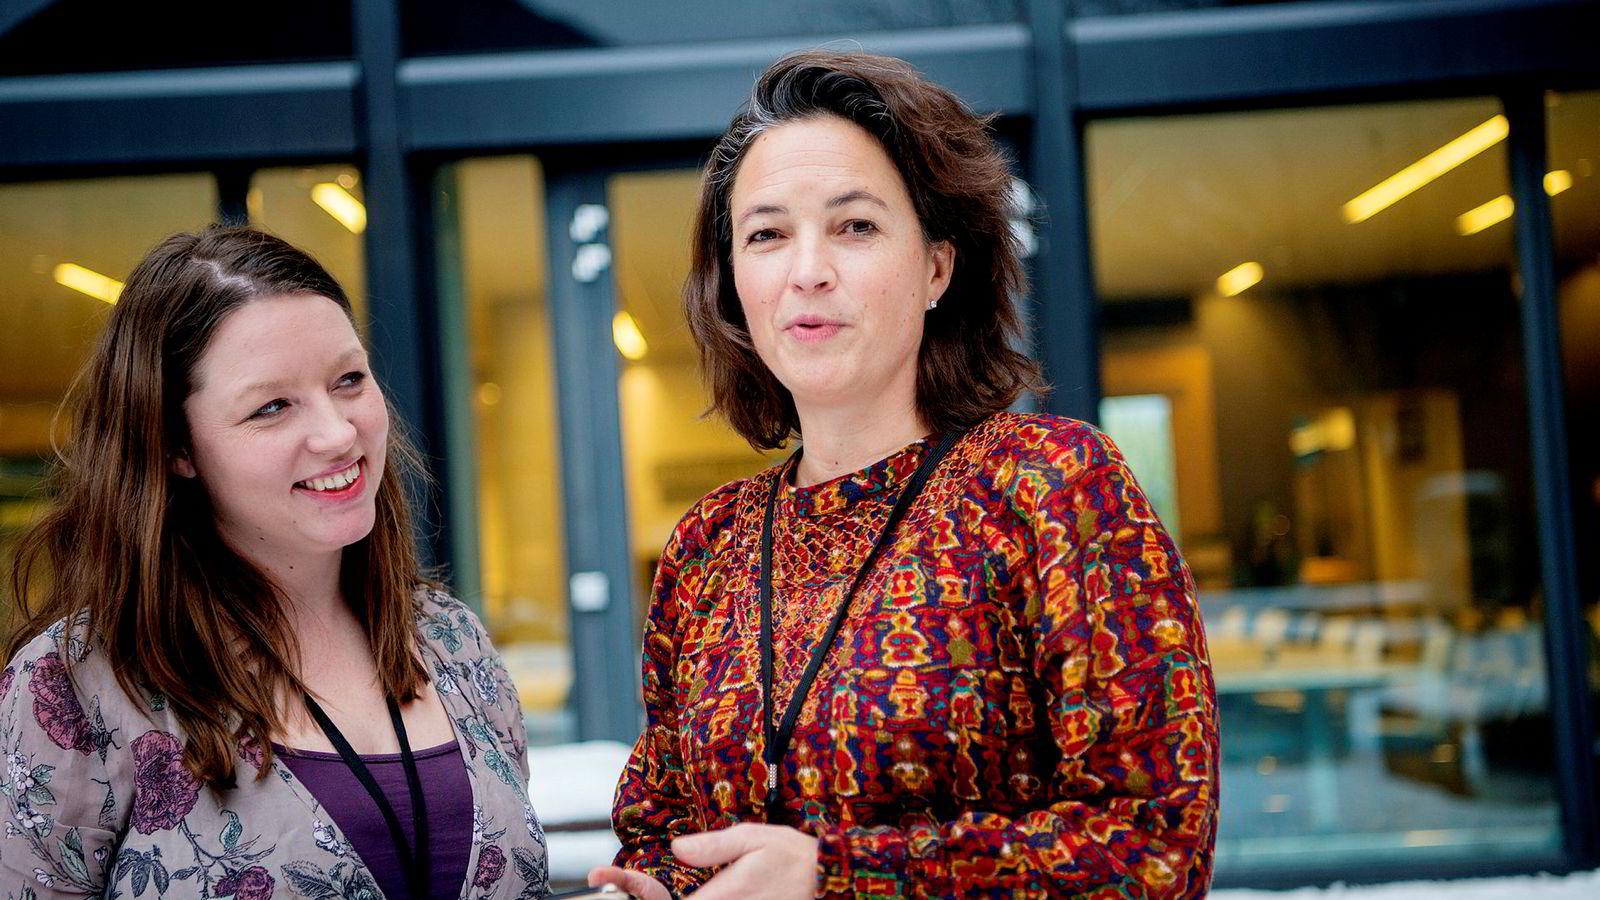 Ifølge Ingvild Østvold (til venstre) og Nathalie Warembourg i Ipsos er kvinner overrepresentert på mer «visuelle» sosiale medier som Instagram og Snapchat, mens menn er hyppigere brukere av mer jobblignende tjenester som Twitter og LinkedIn.